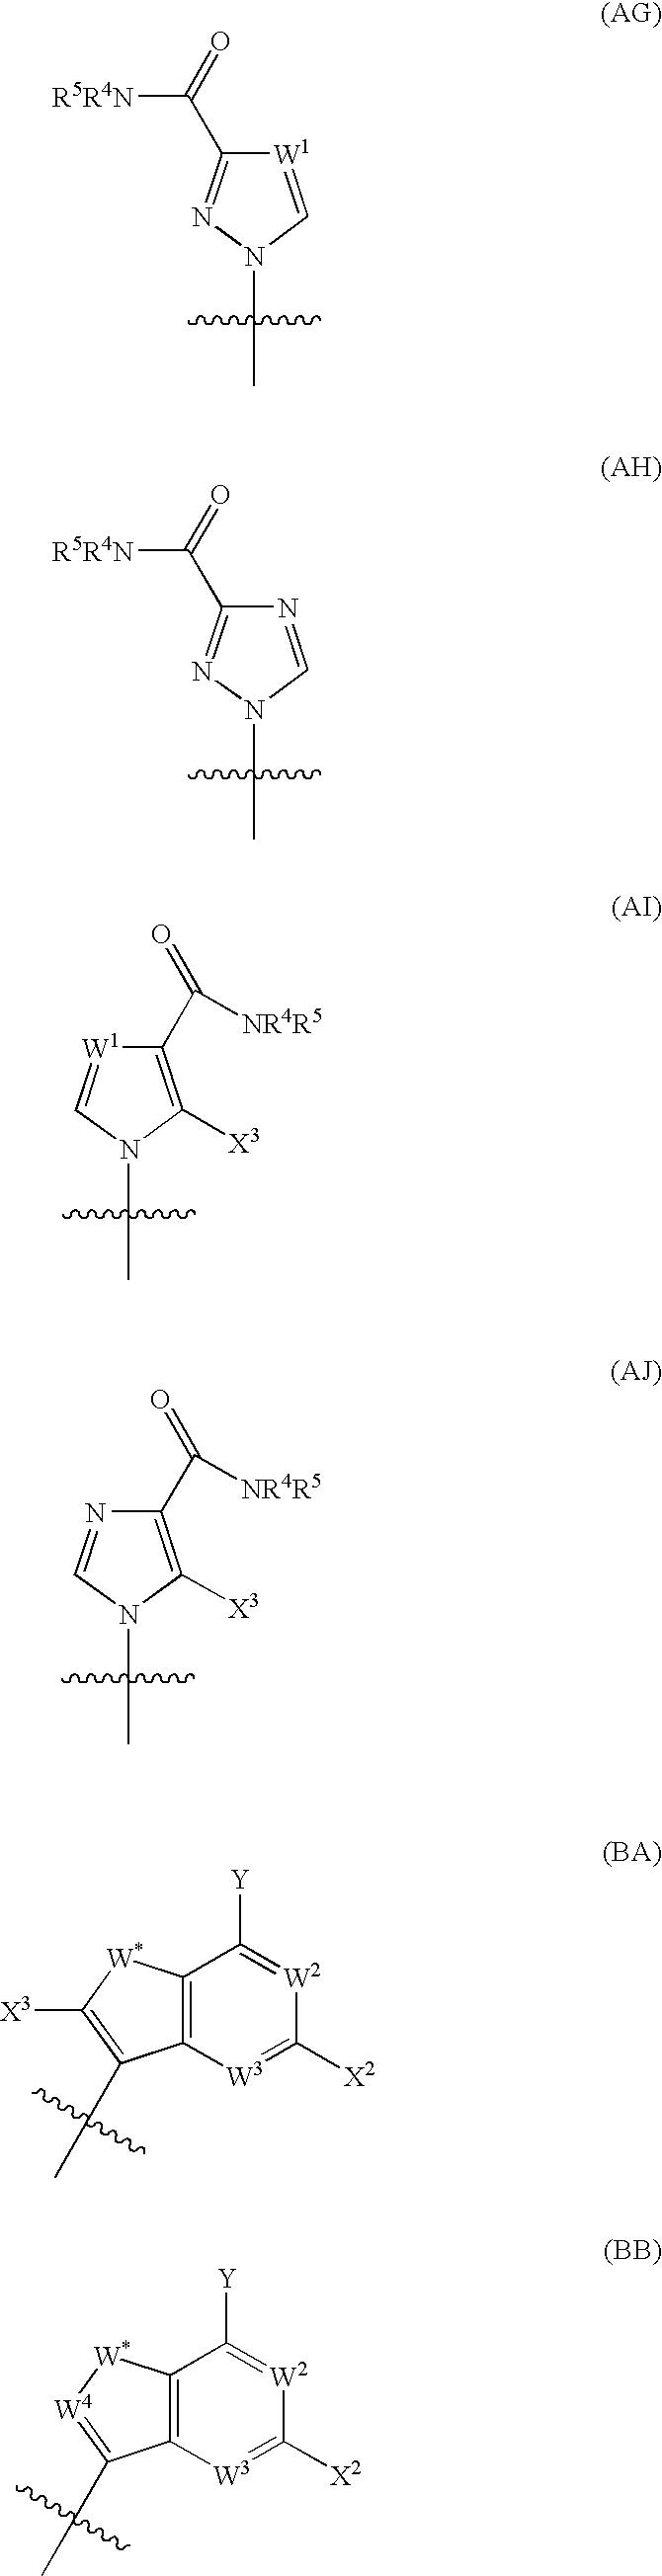 Figure US07608600-20091027-C00033